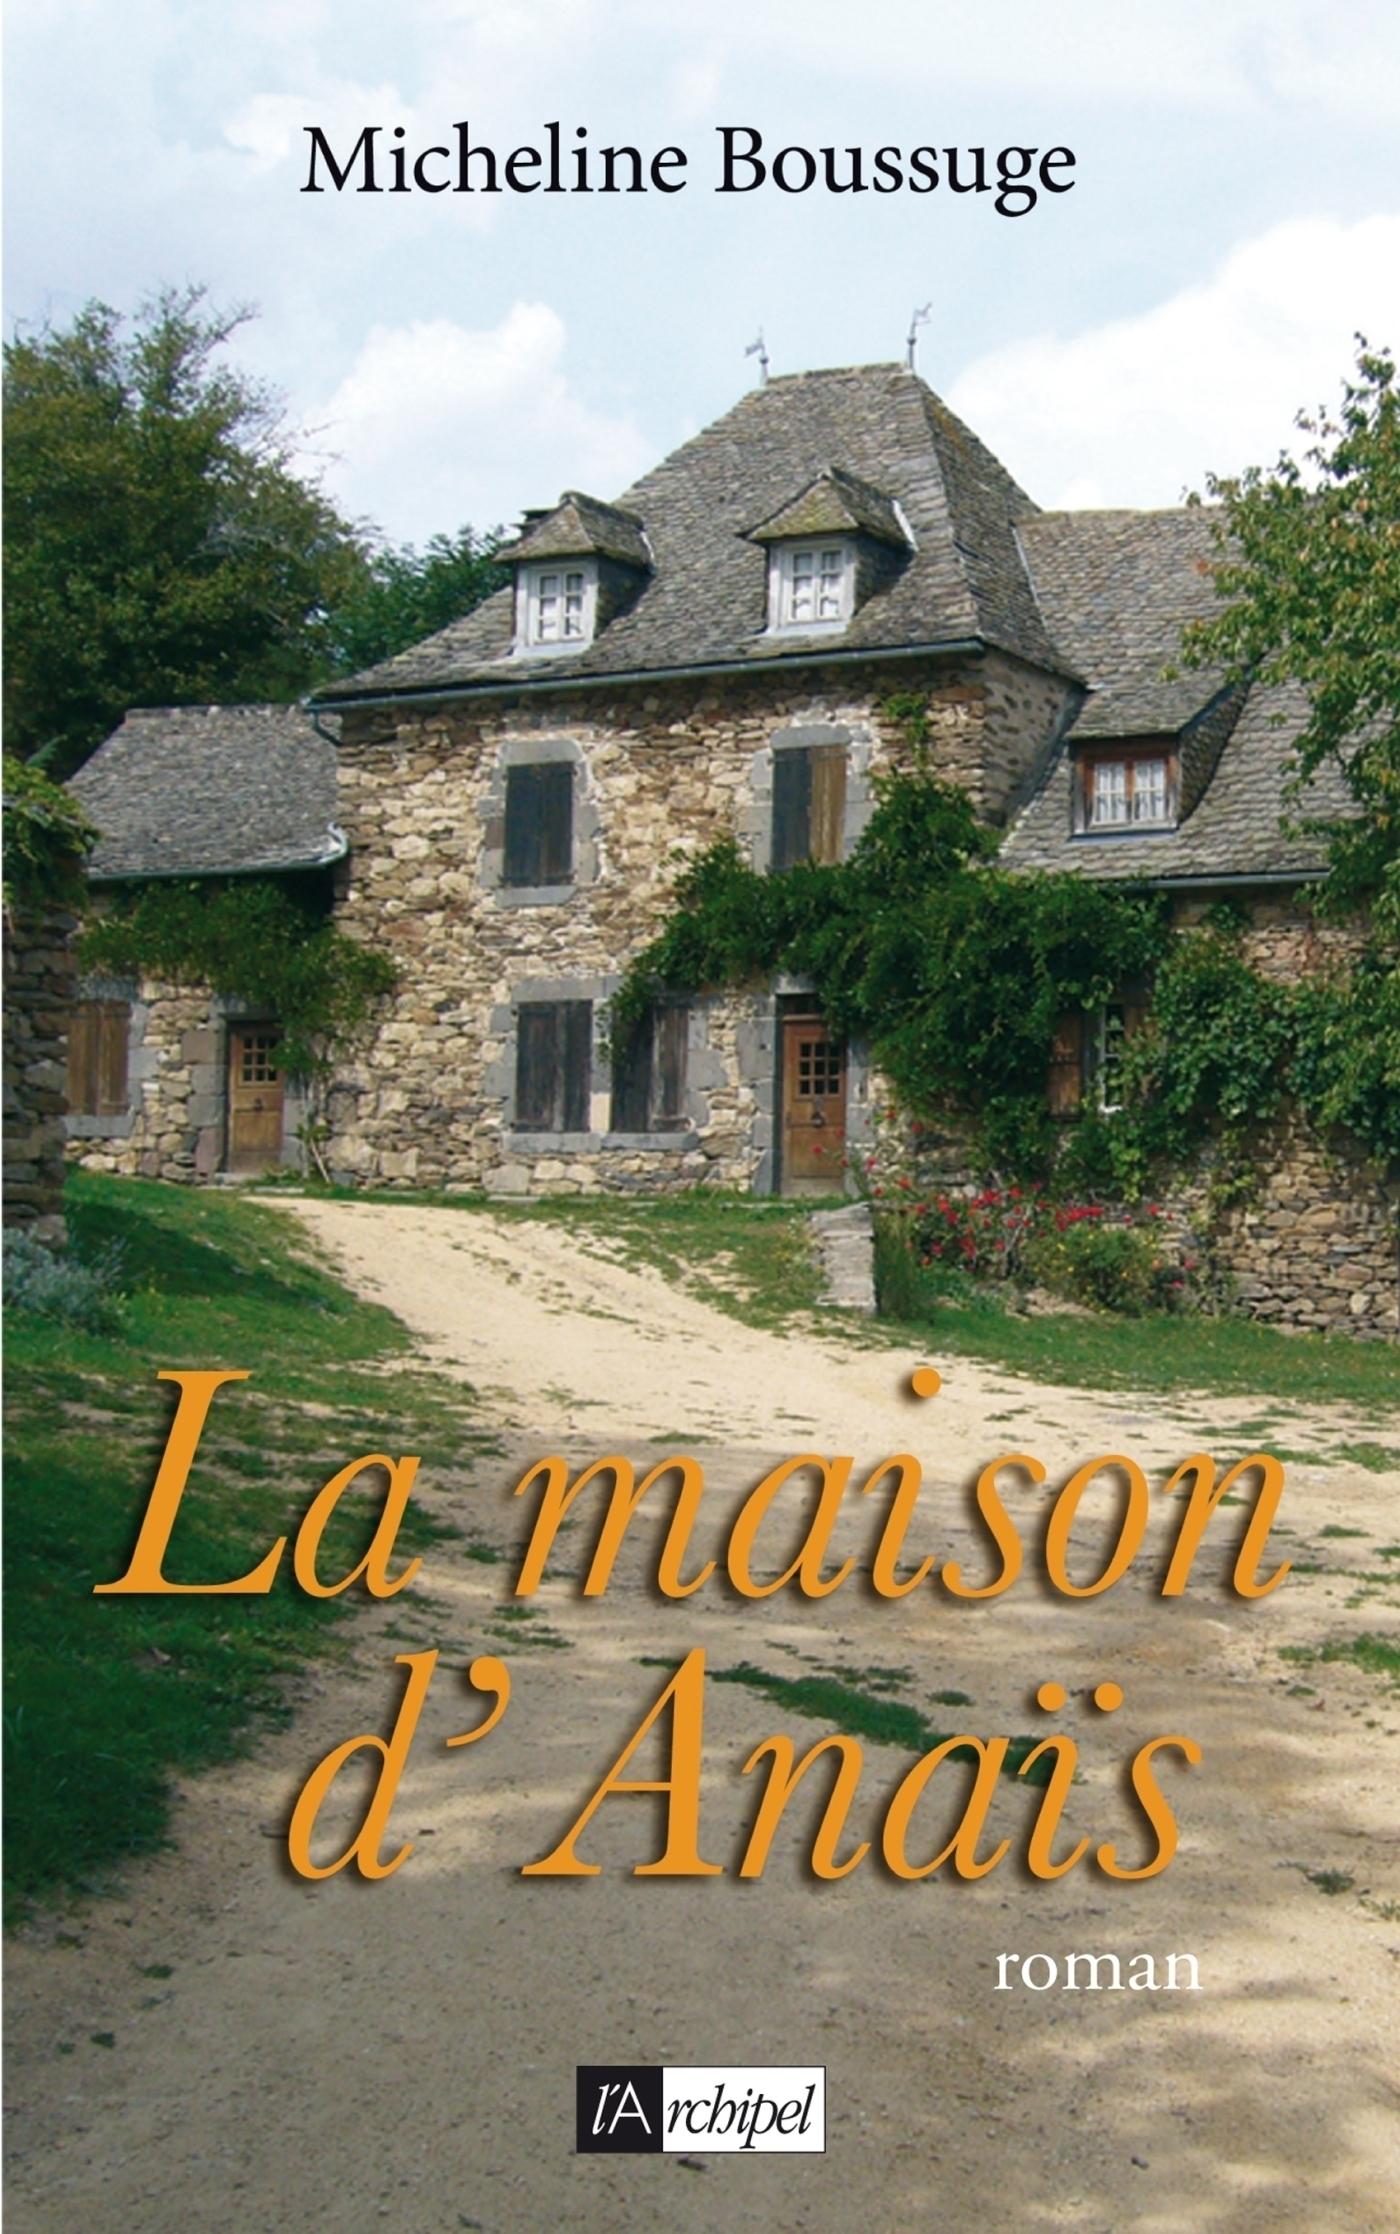 La maison d'Anaïs